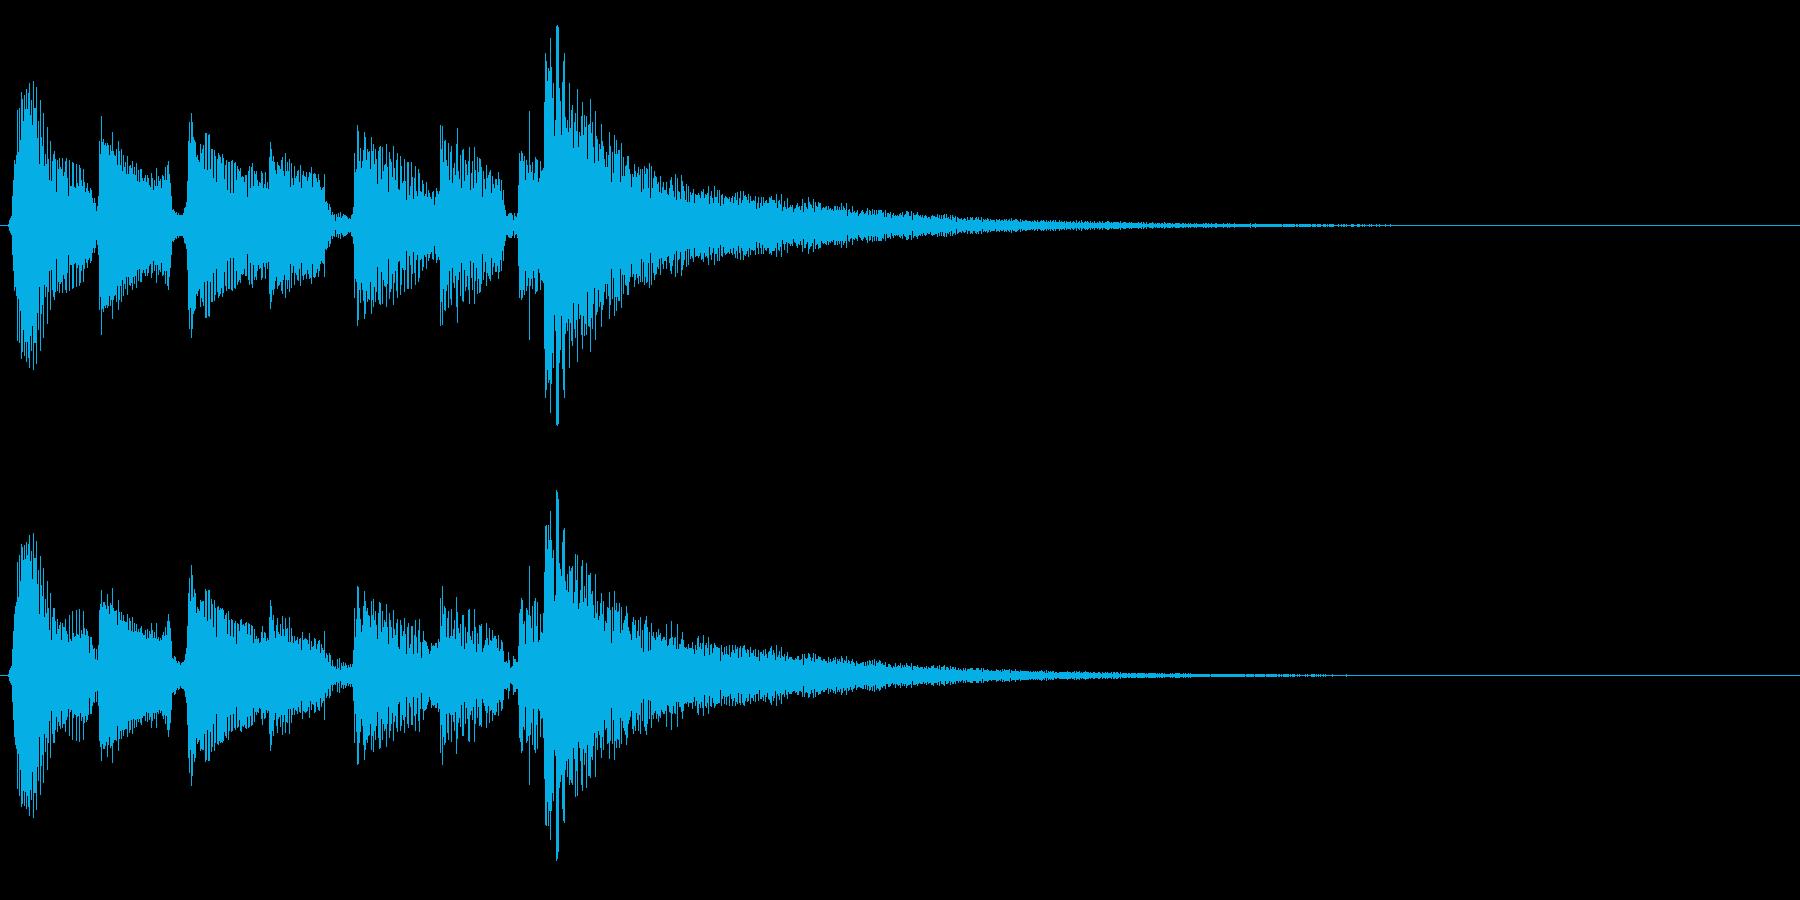 アコギ生音のジングル/おしゃれ6の再生済みの波形